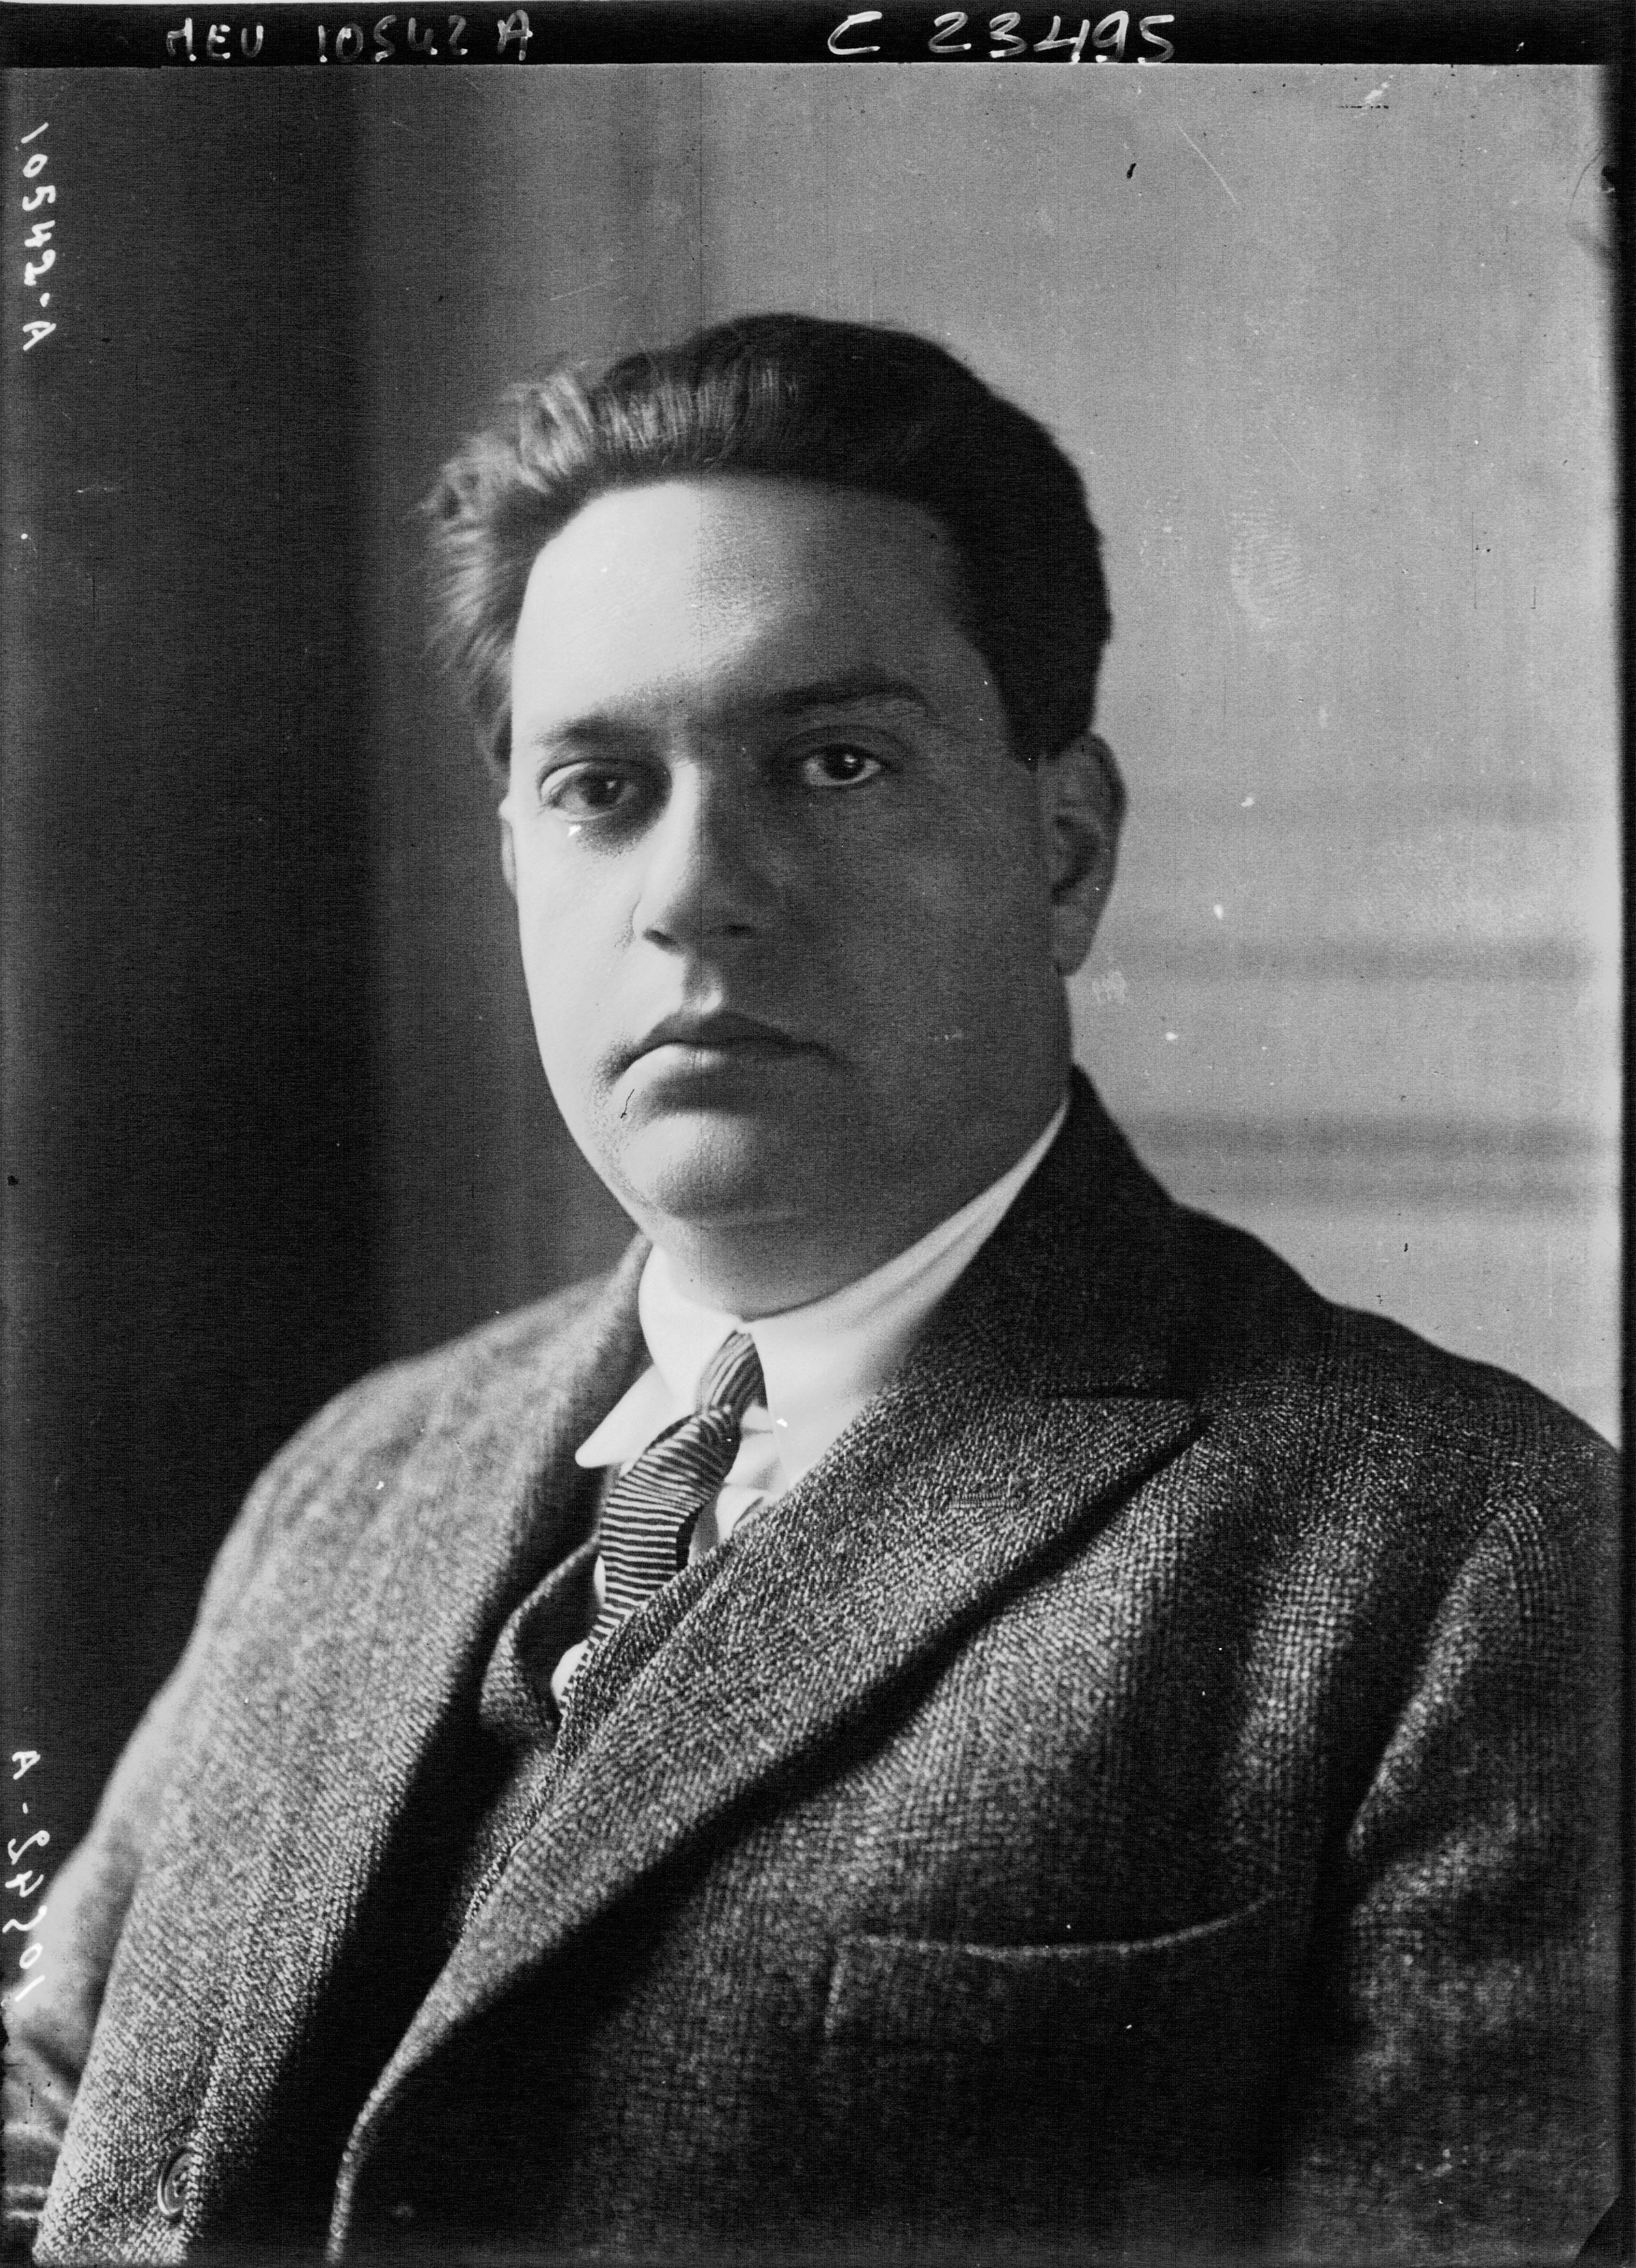 Darius Milhaud (1923)